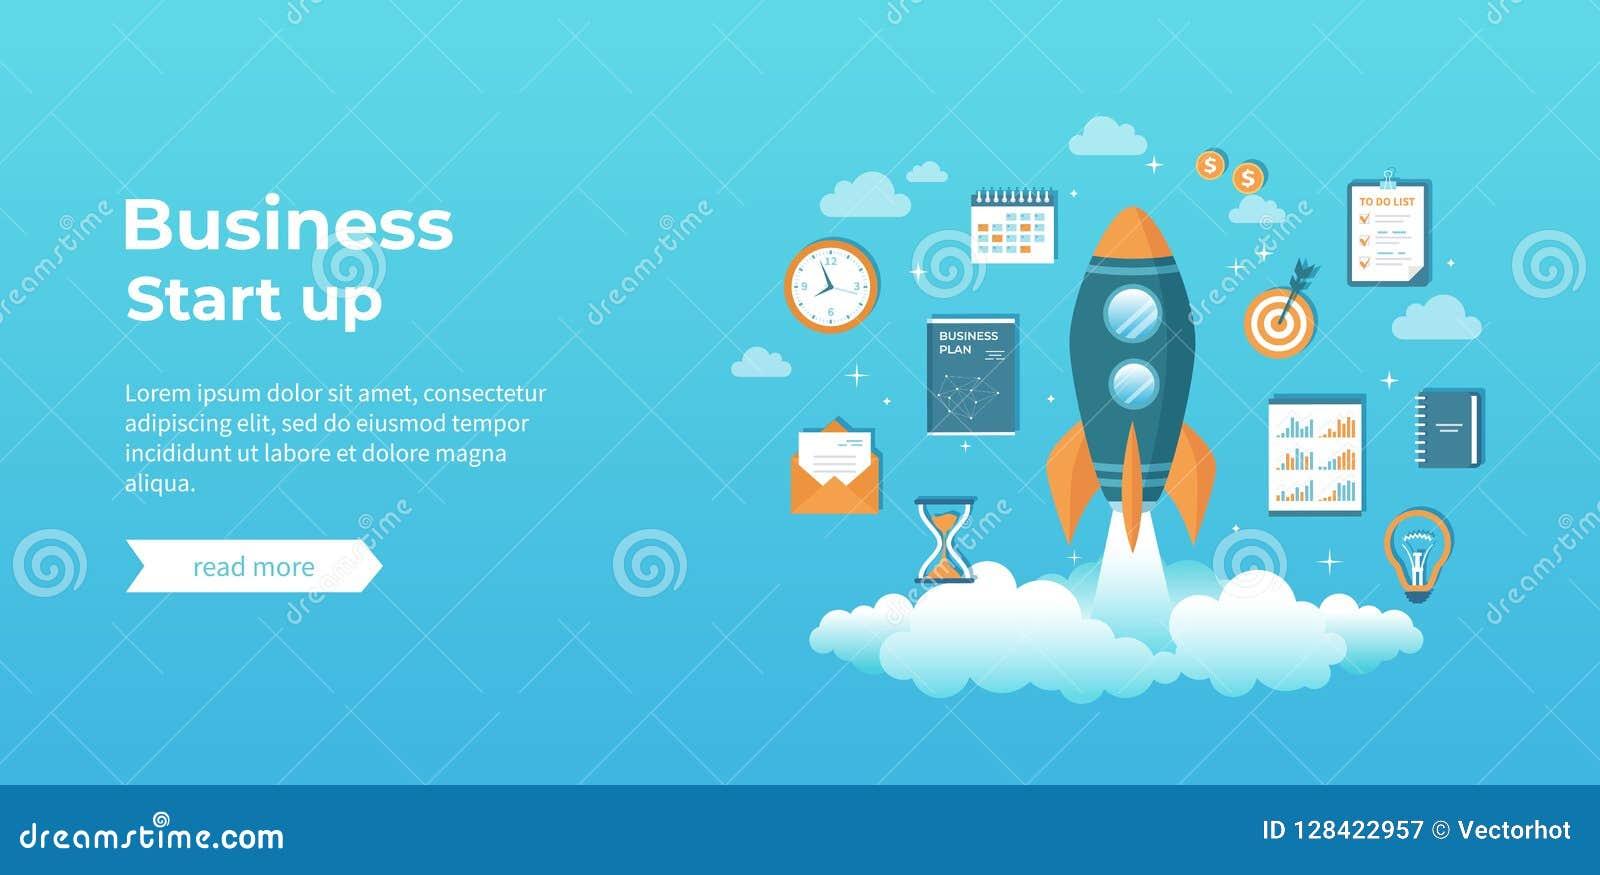 Ξεκίνημα επιχειρησιακού προγράμματος, οικονομικός σχεδιασμός, ιδέα, στρατηγική, διαχείριση, πραγματοποίηση και επιτυχία Έναρξη πυ